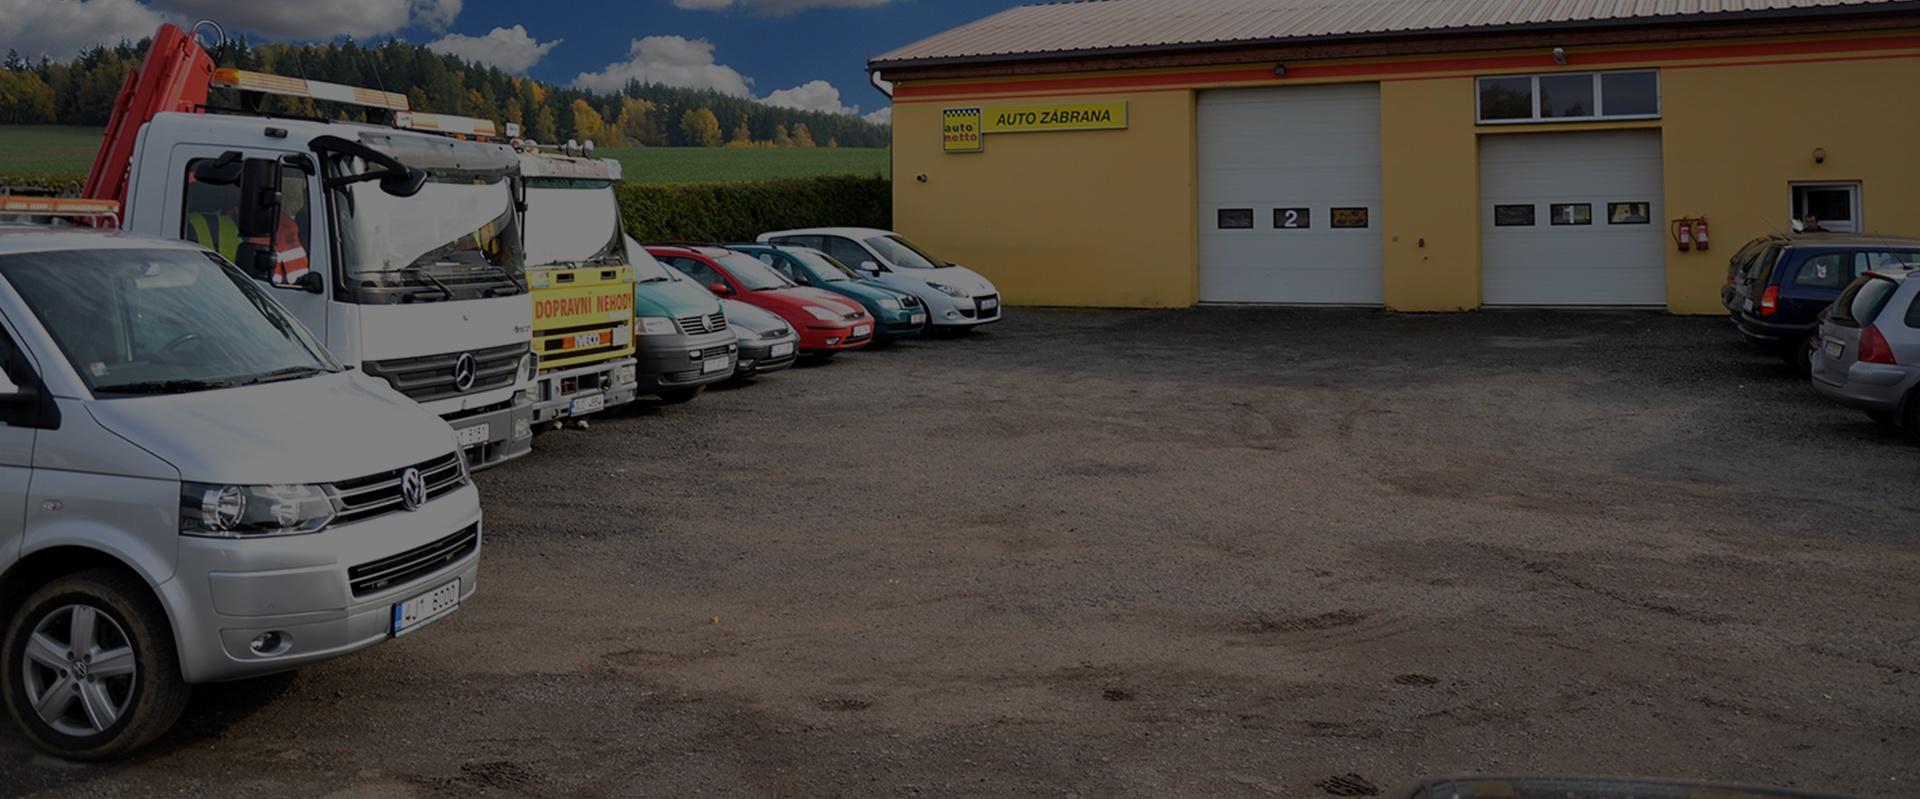 Odtahová služba Auto Zábrana s.r.o.